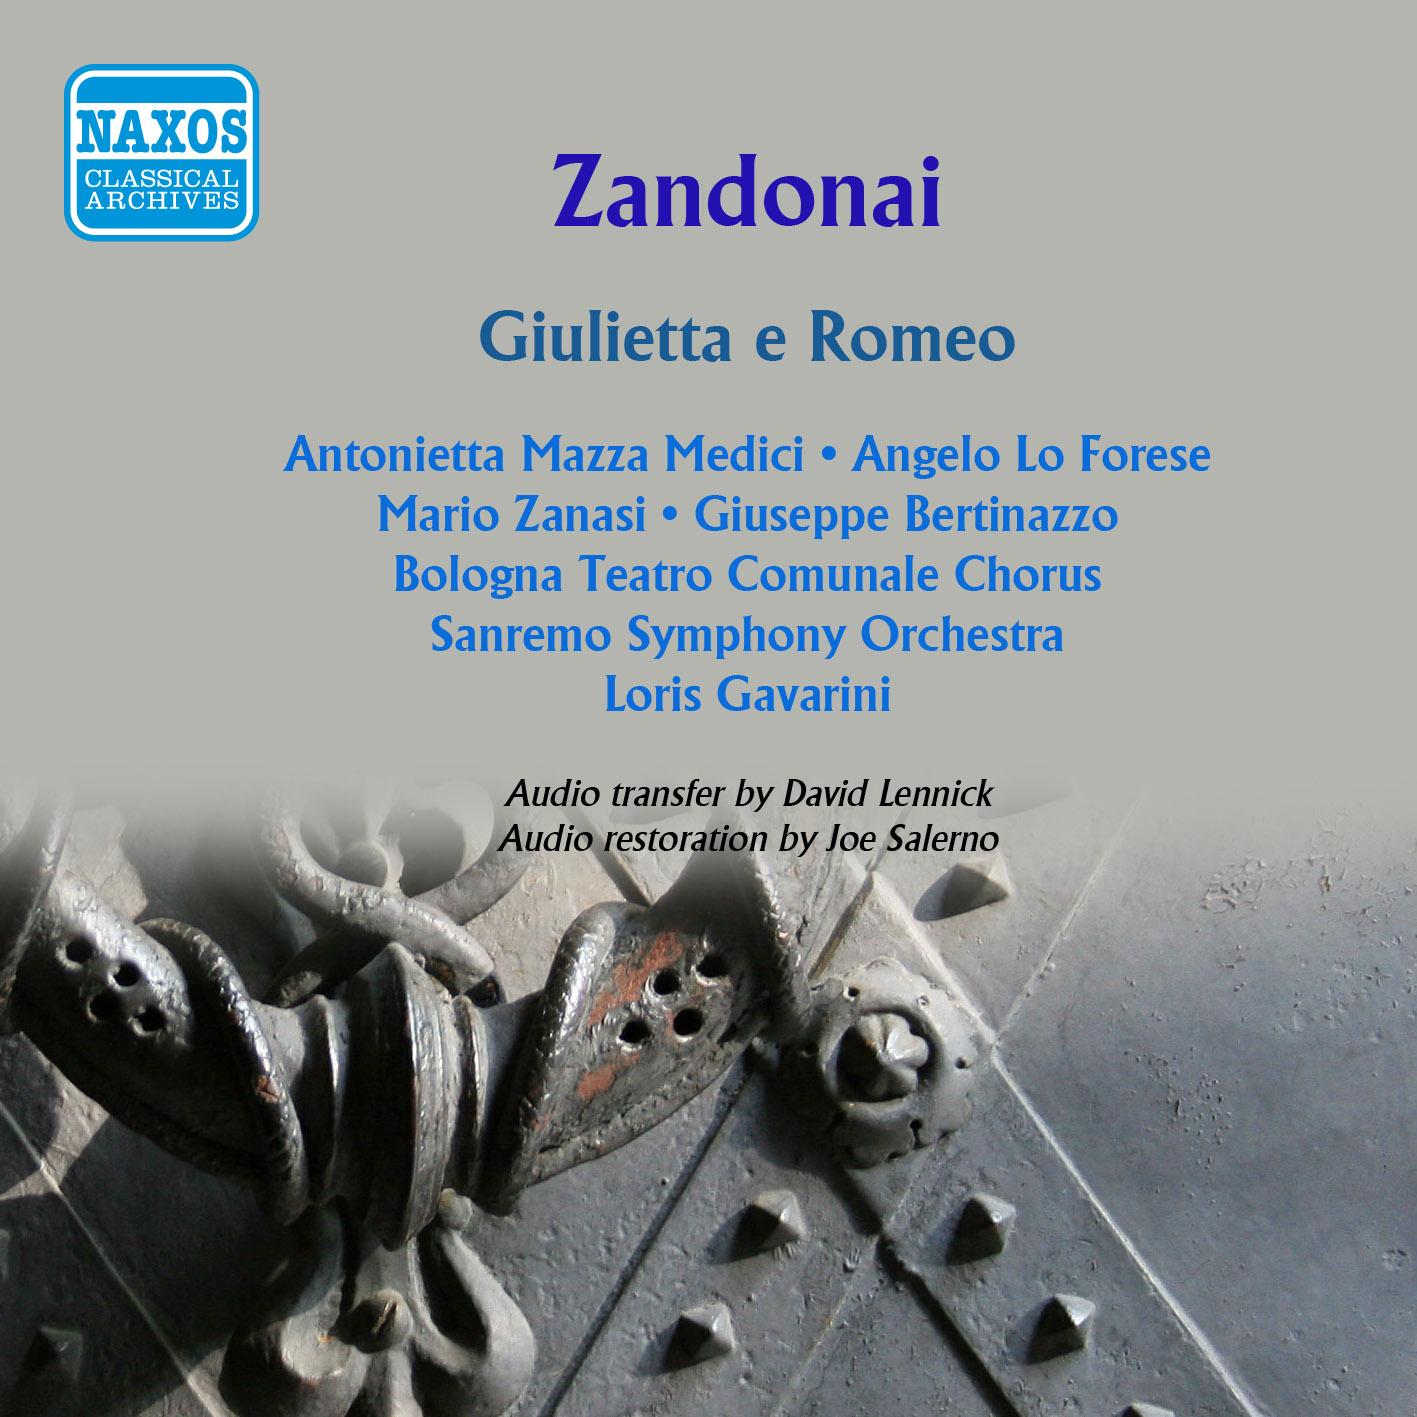 Zandonai: Giulietta e Romeo (1961)